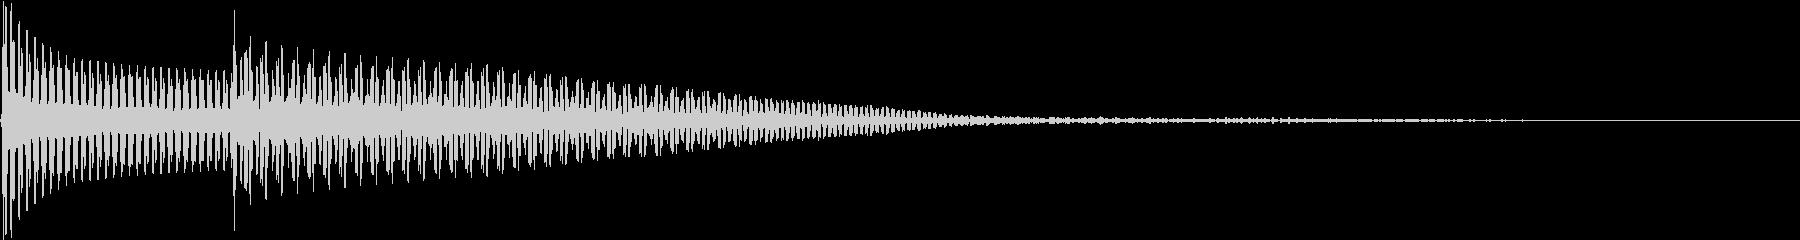 PUSH 注意歓喜 決定音 シャッター音の未再生の波形